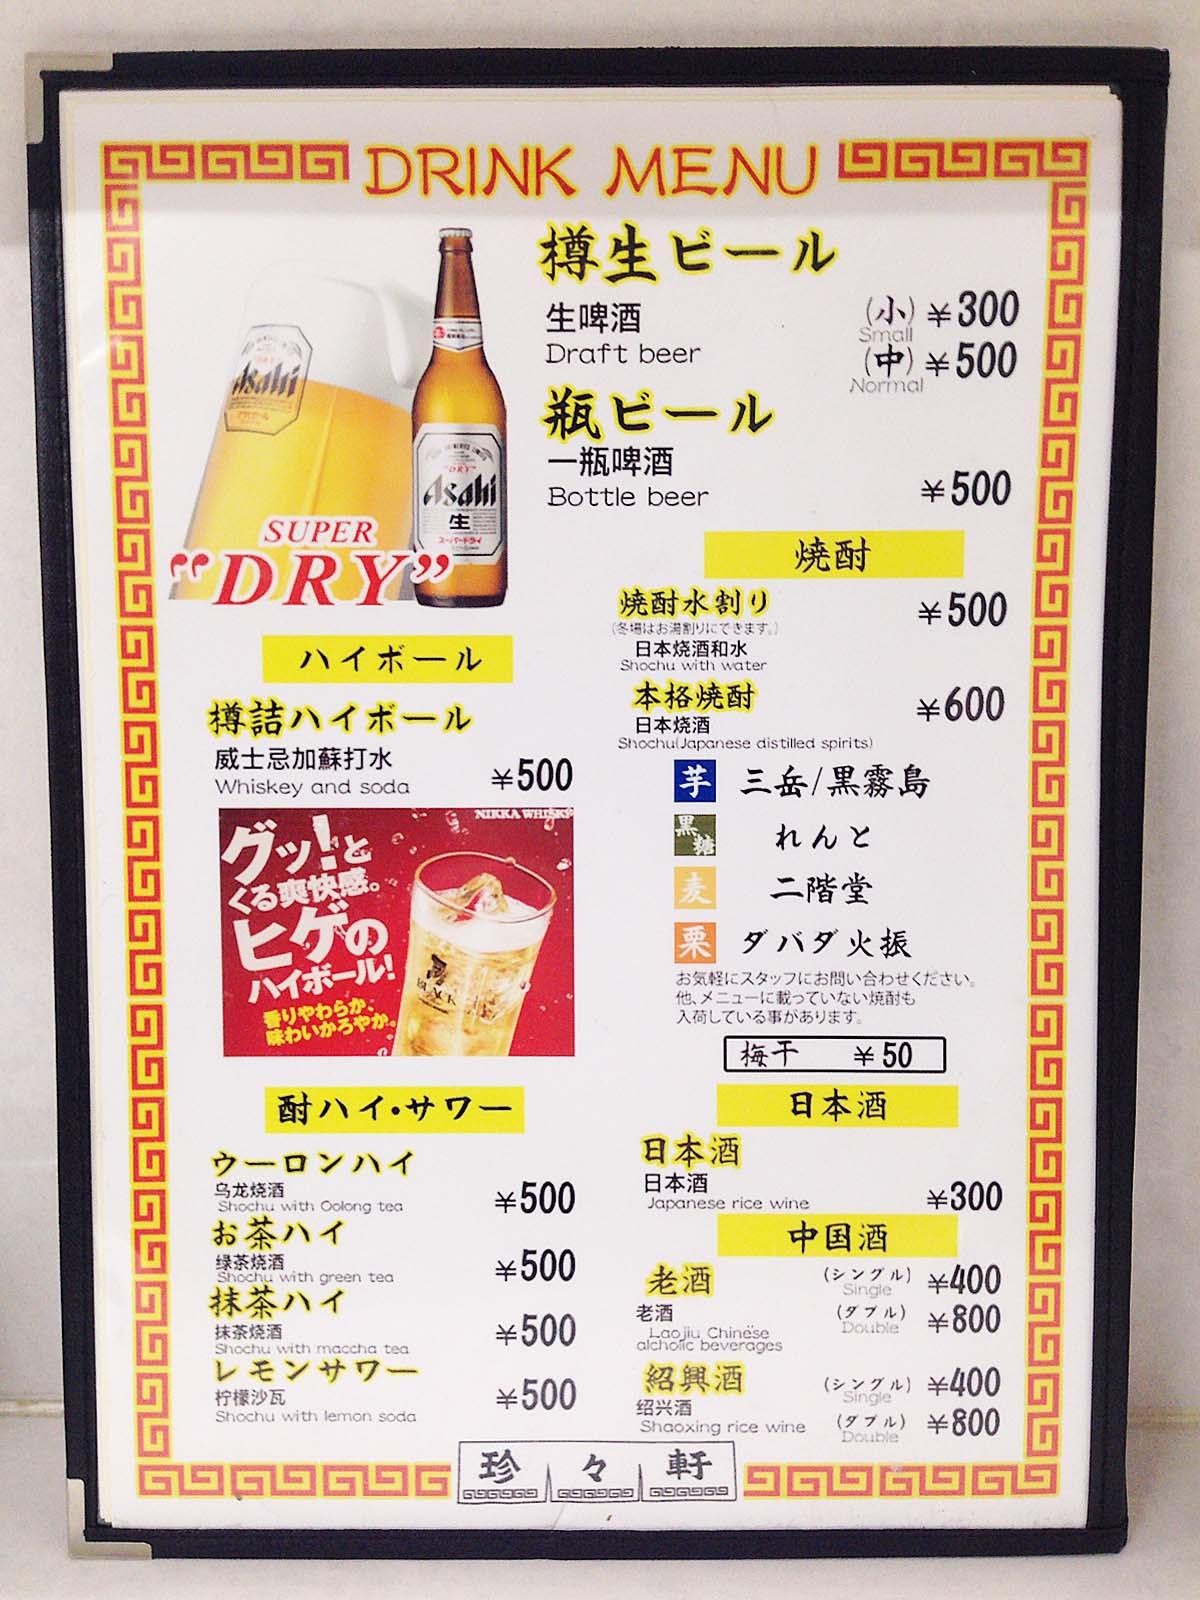 ビール、ハイボール、日本酒などに加え、中国酒や本格焼酎も常備@上野アメ横ガード下の老舗中華「珍々軒」